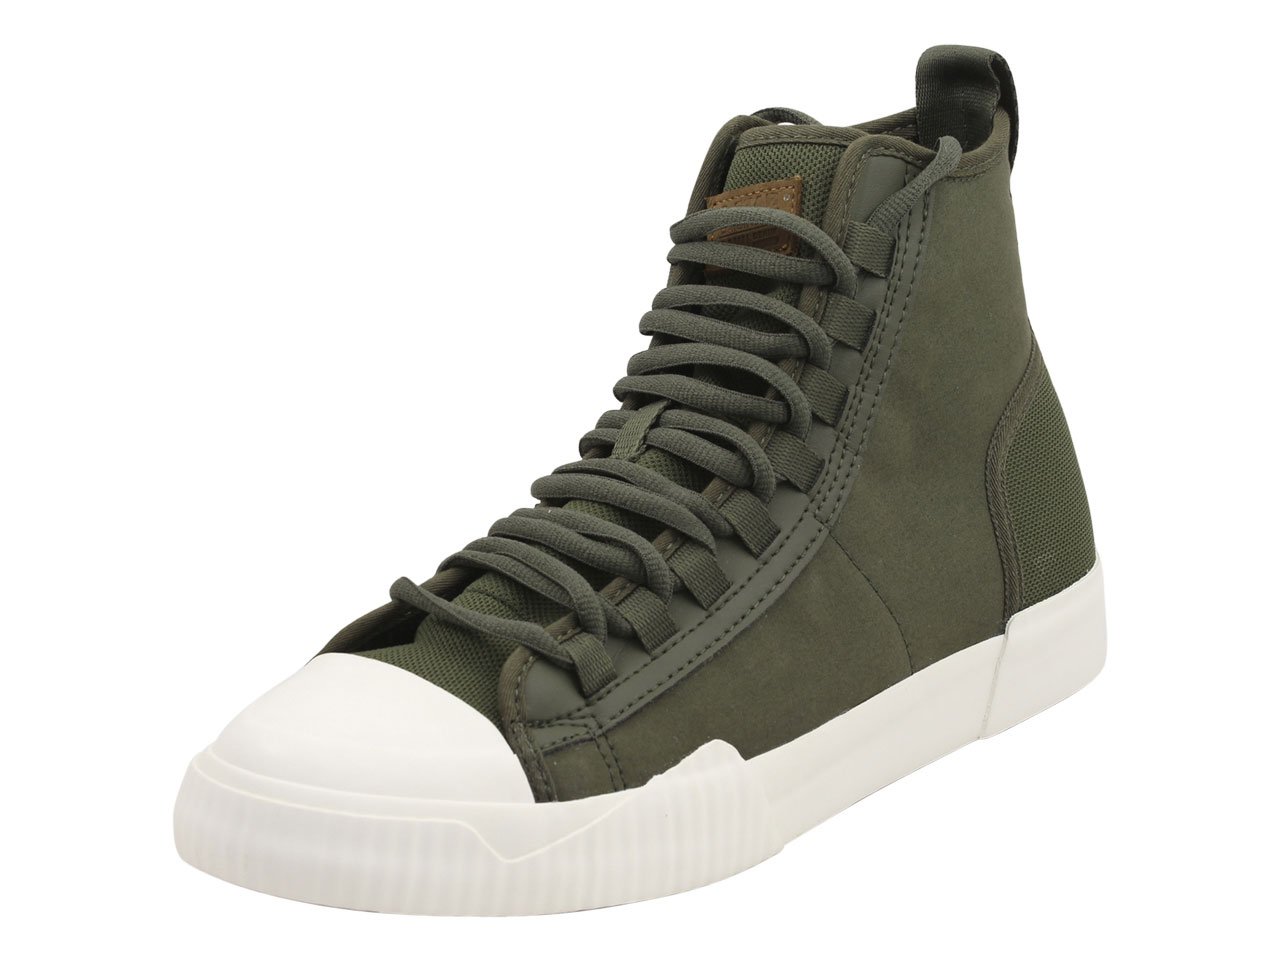 G-Star Raw Men s Rackam-Scuba-Mid Combat Sneakers Shoes  6121f6b77590d